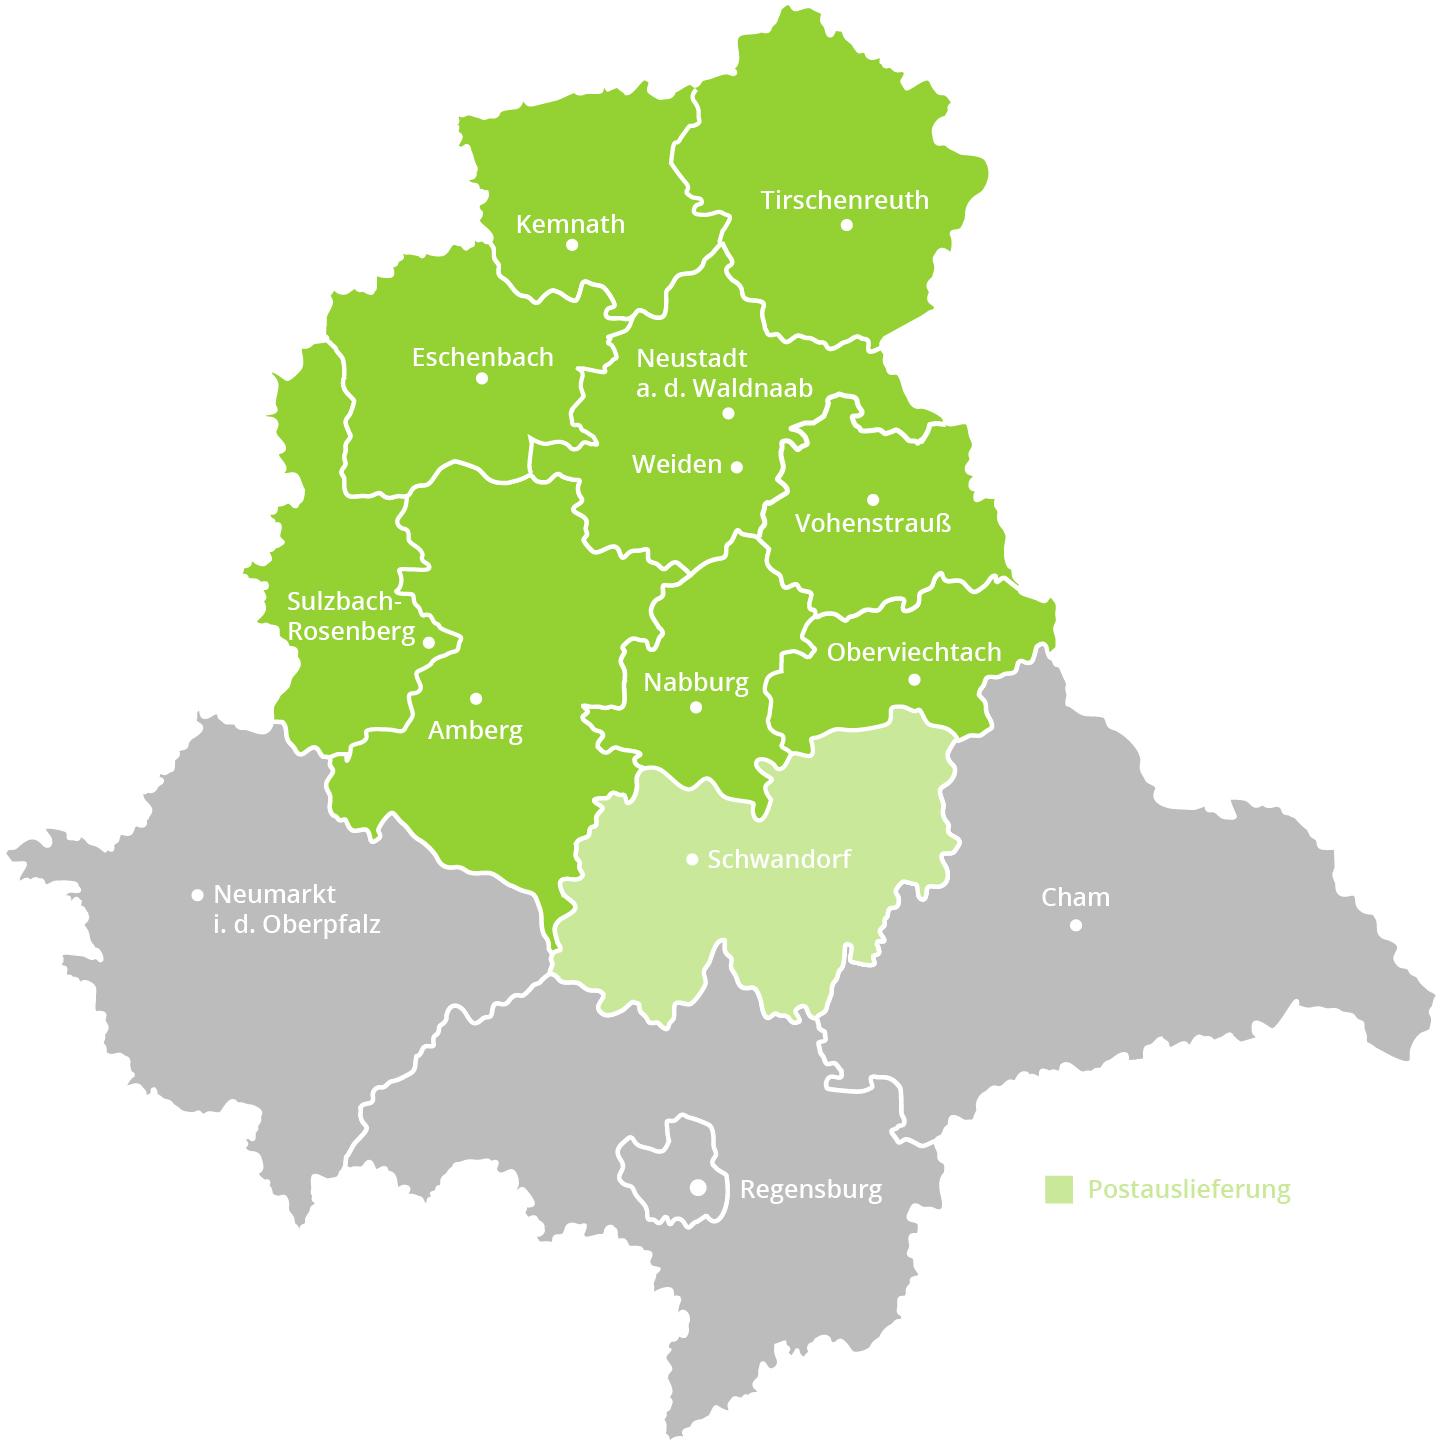 Karte der Oberpfalz mit grün markiertem Gebiet, wo die Verteilung der Zeitungen von Oberpfalz Medien erfolgt.